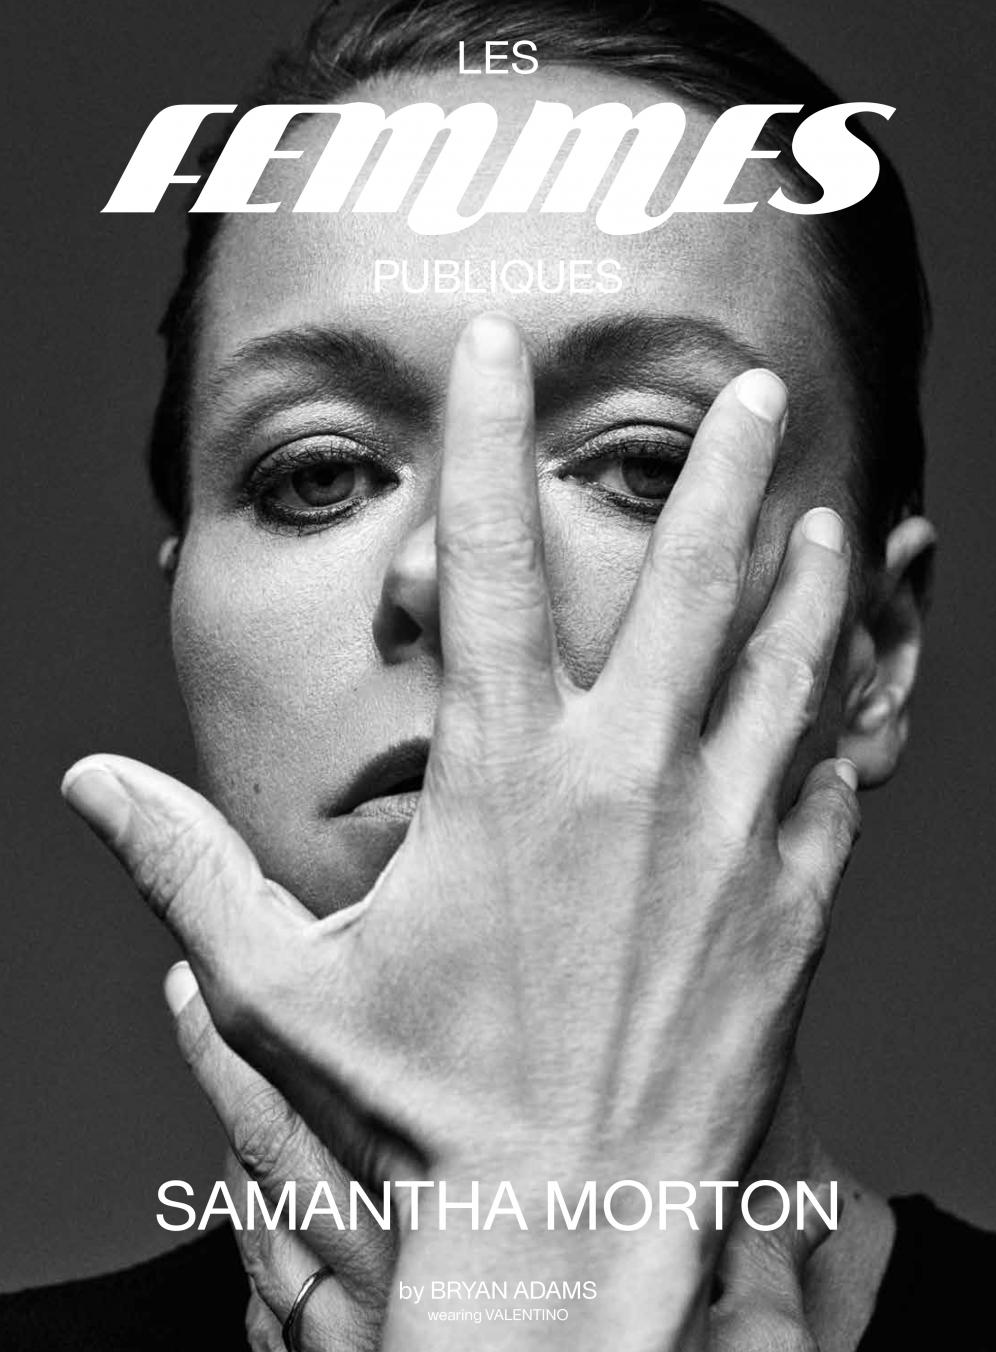 Sam Morton | Les Femme Publics